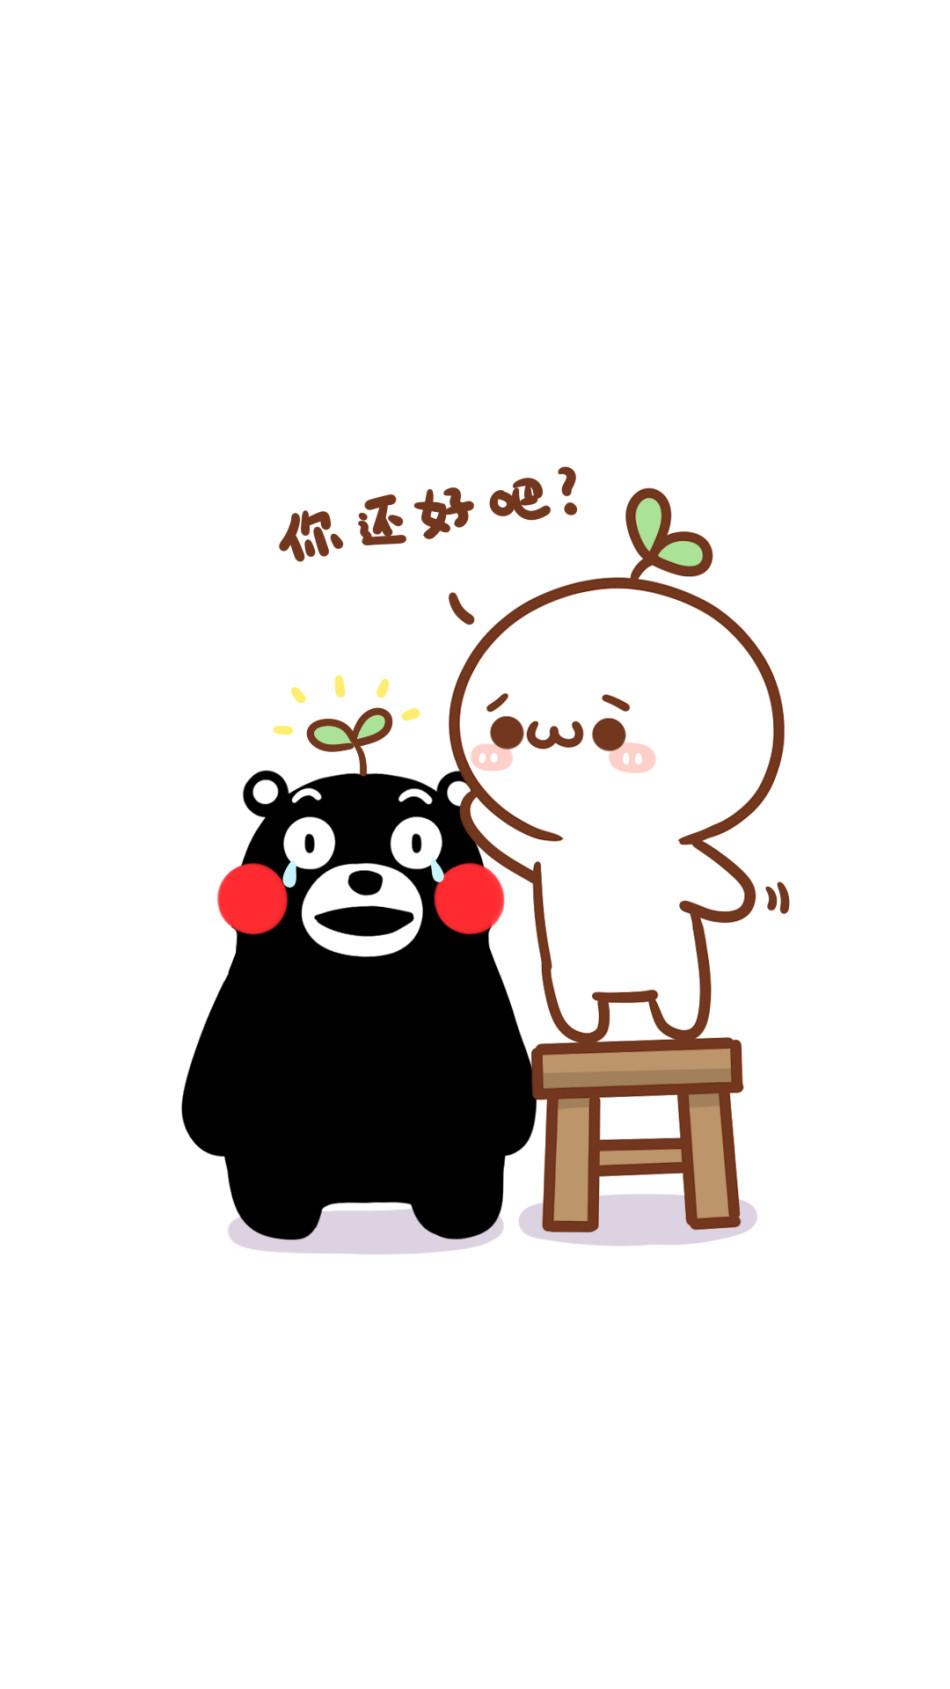 说起熊本相信大家都不陌生,熊本熊官方翻译为酷ma萌,是日本熊本县官方萌物,2011年日本吉祥物票选活动第一名。至2011年9月担任熊本县临时职员,2011年9月开始担任熊本县营业部部长(这是仅次于熊本县知事、副知事的第三最重要的职位)兼幸福部长,是日本第一位吉祥物公务员。